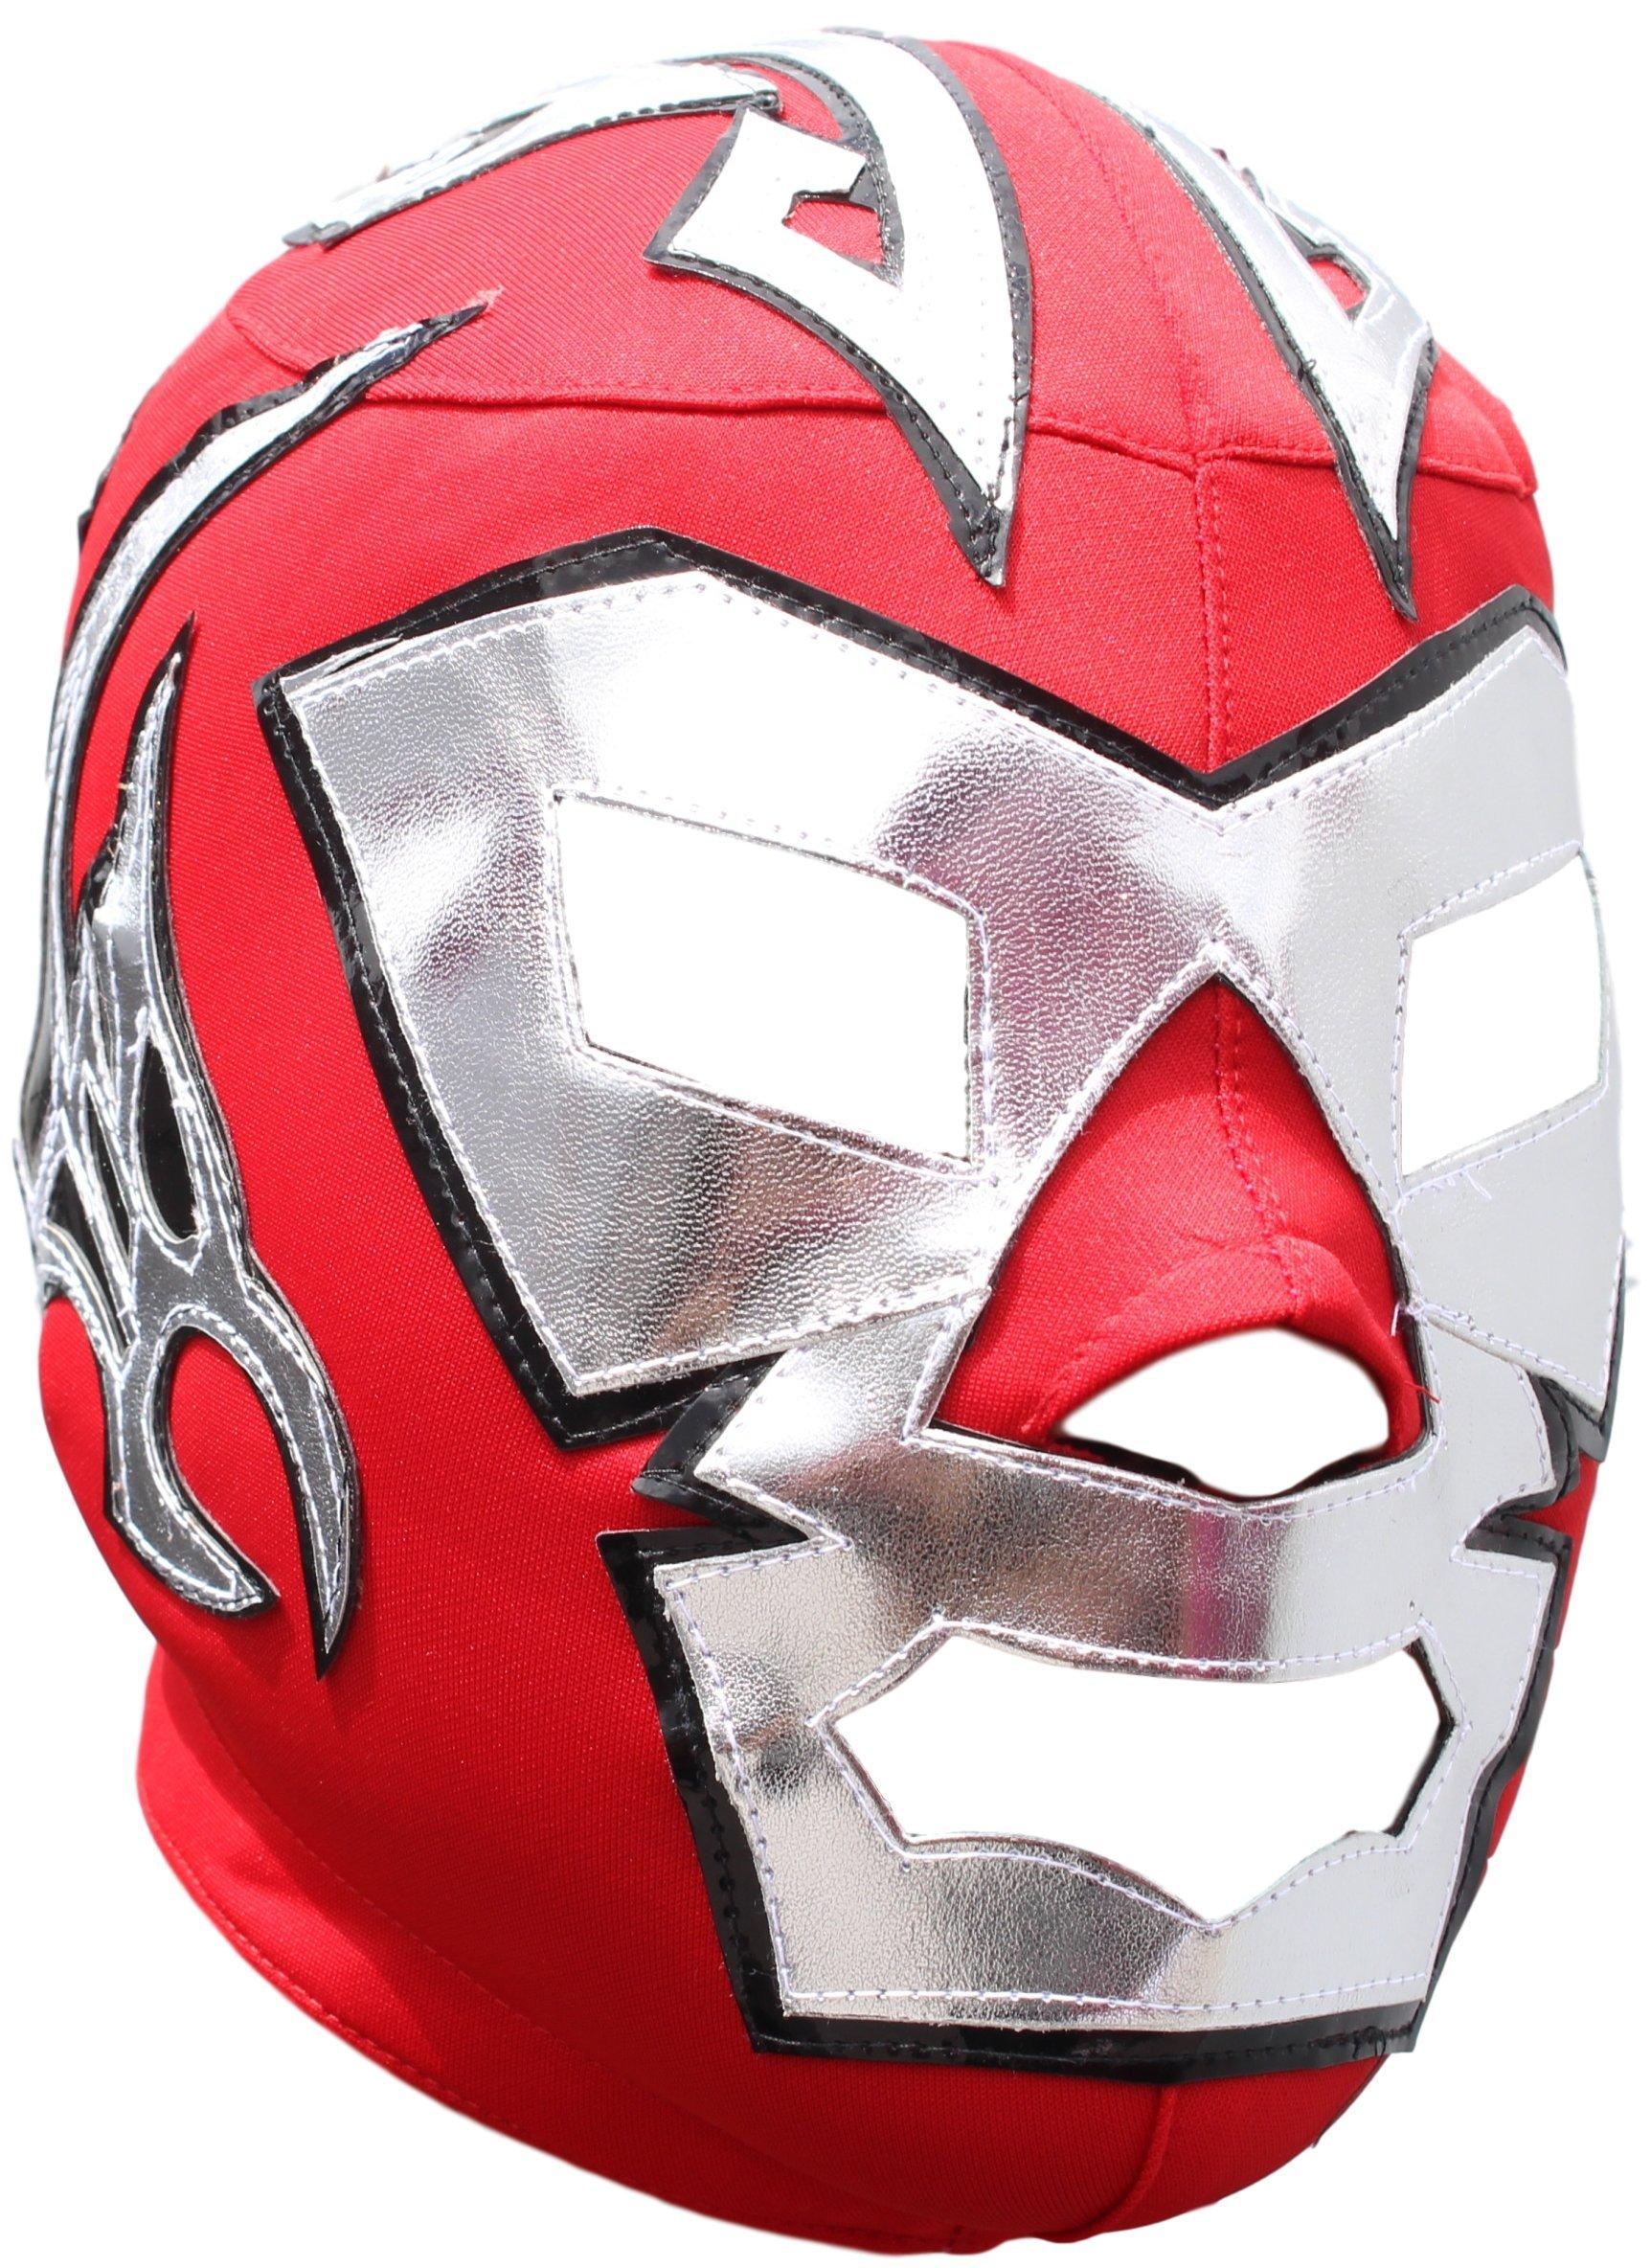 Deportes Martinez Dr. Wagner Lycra Lucha Libre Luchador Wrestling Masks Adult Size Red Silver by Deportes Martinez